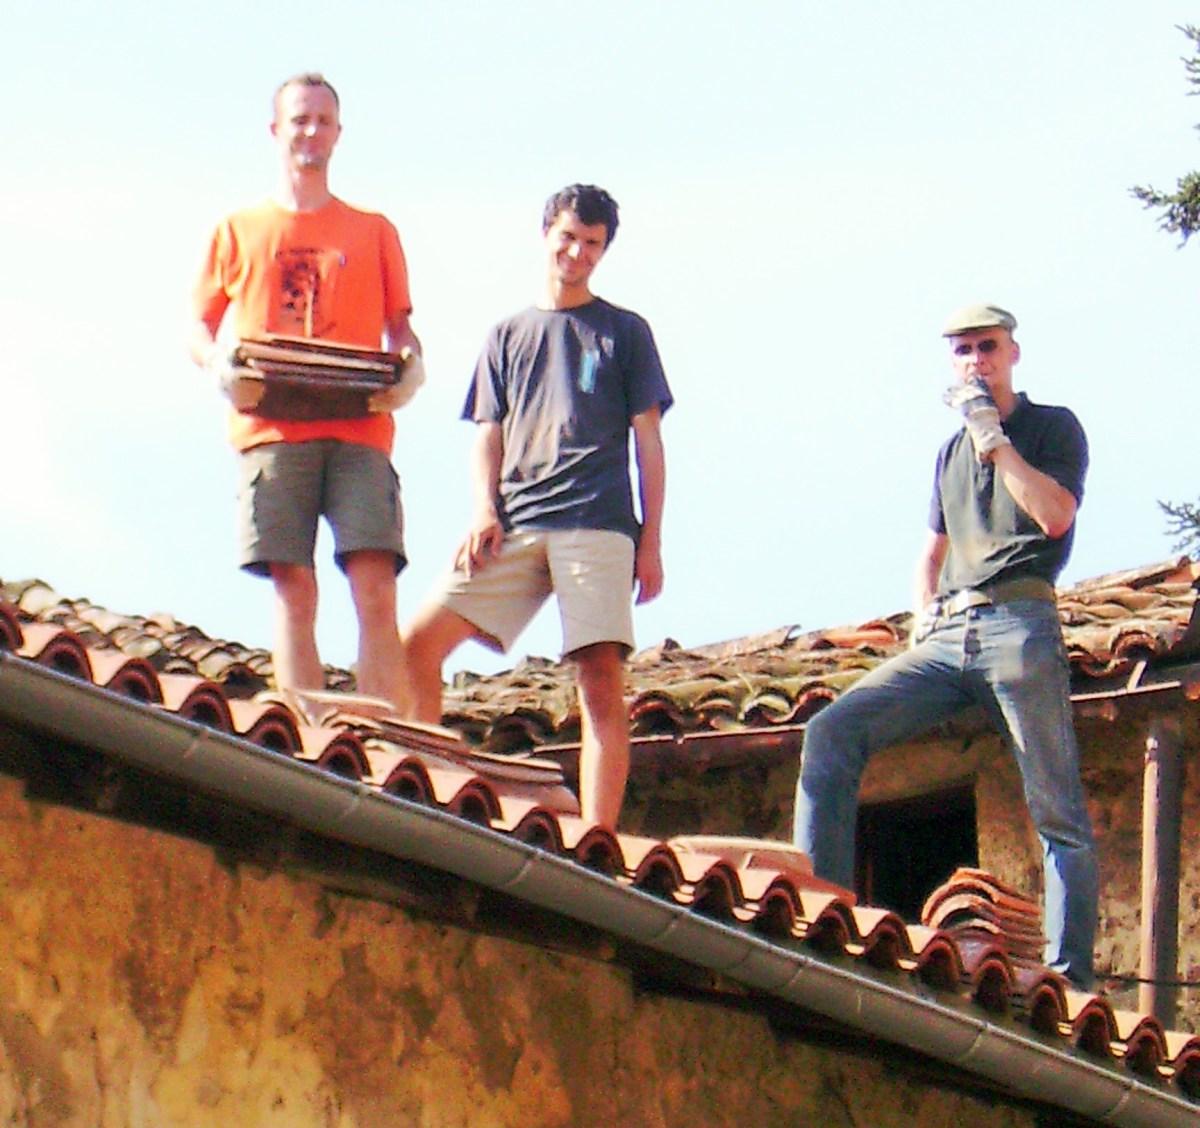 Tanguy, Armand et Guilhem réparent les gouttières